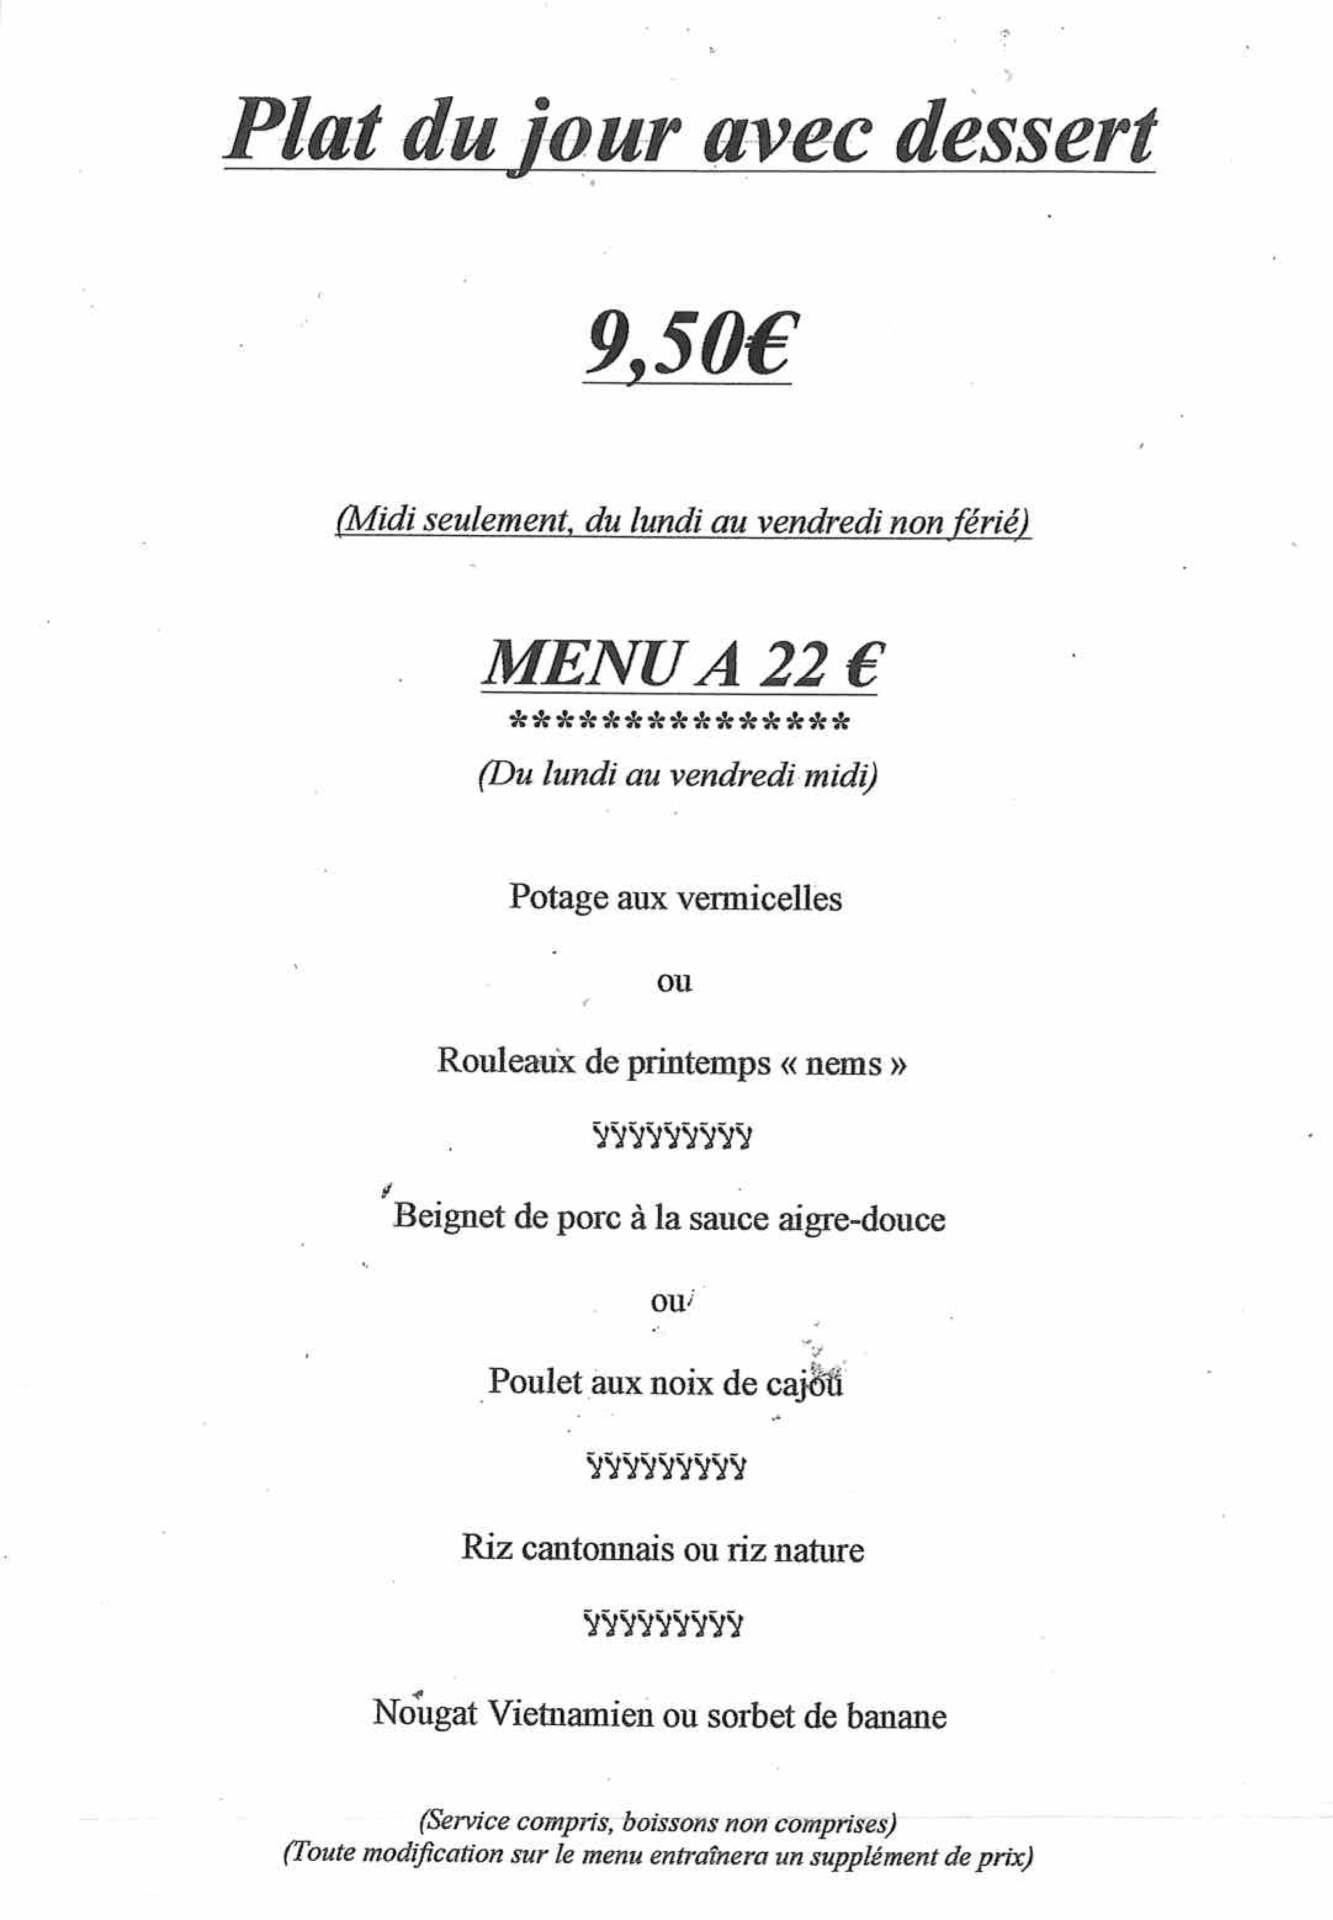 menu le jardin imperial 9 50 - Menus